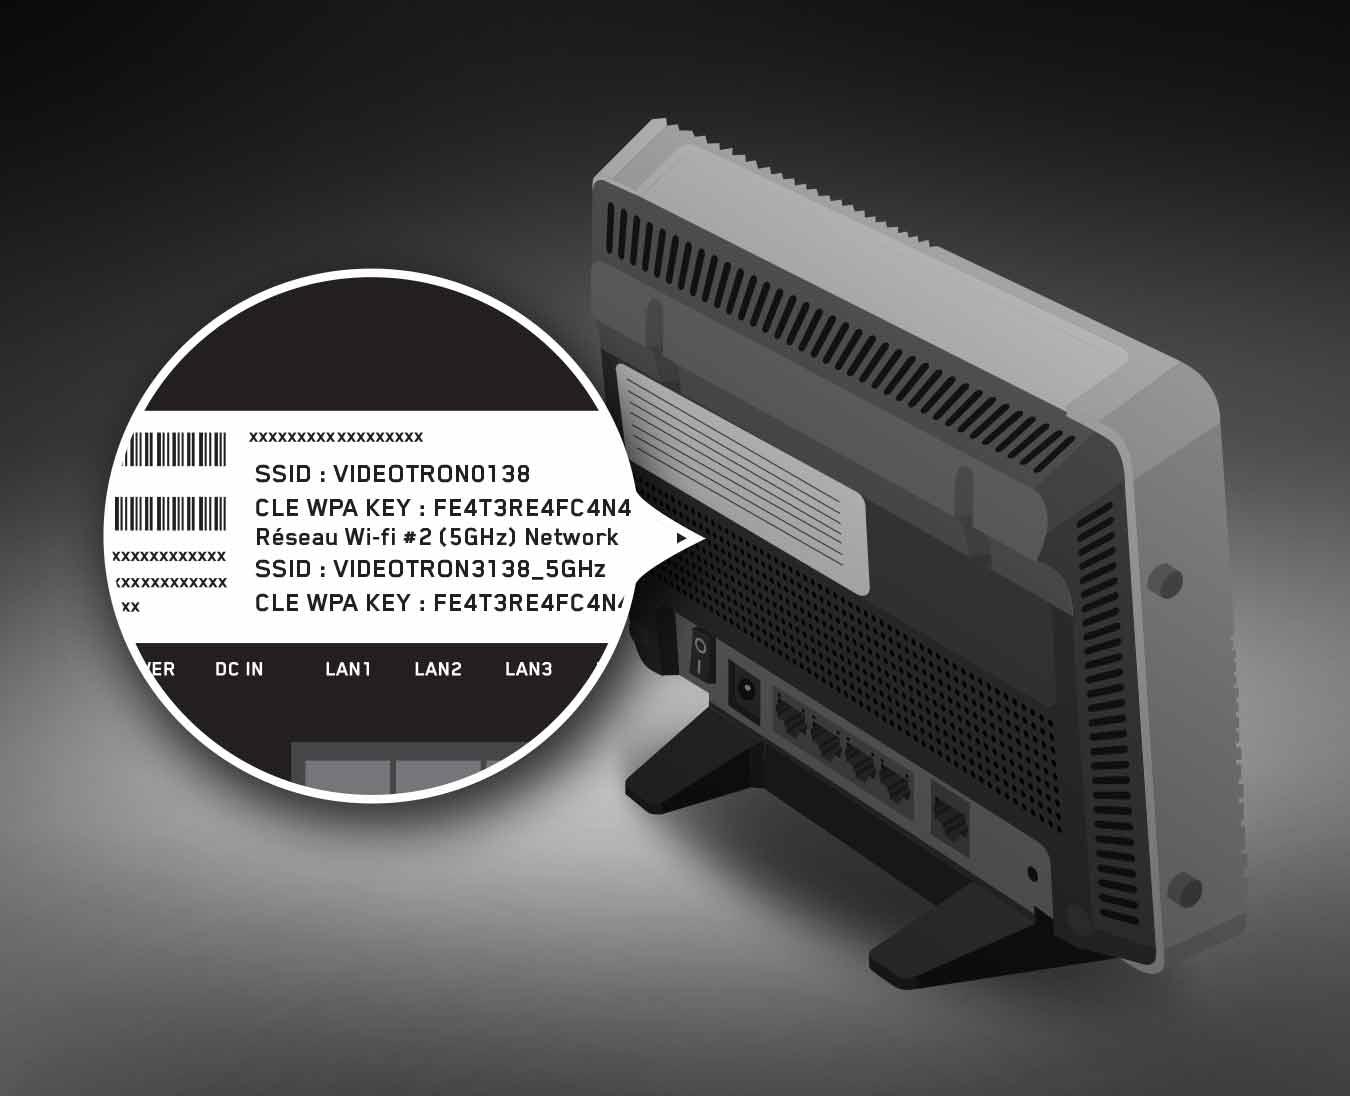 Connecter un ordinateur sous windows xp vista 7 et 8 - Comment avoir internet sans box ...